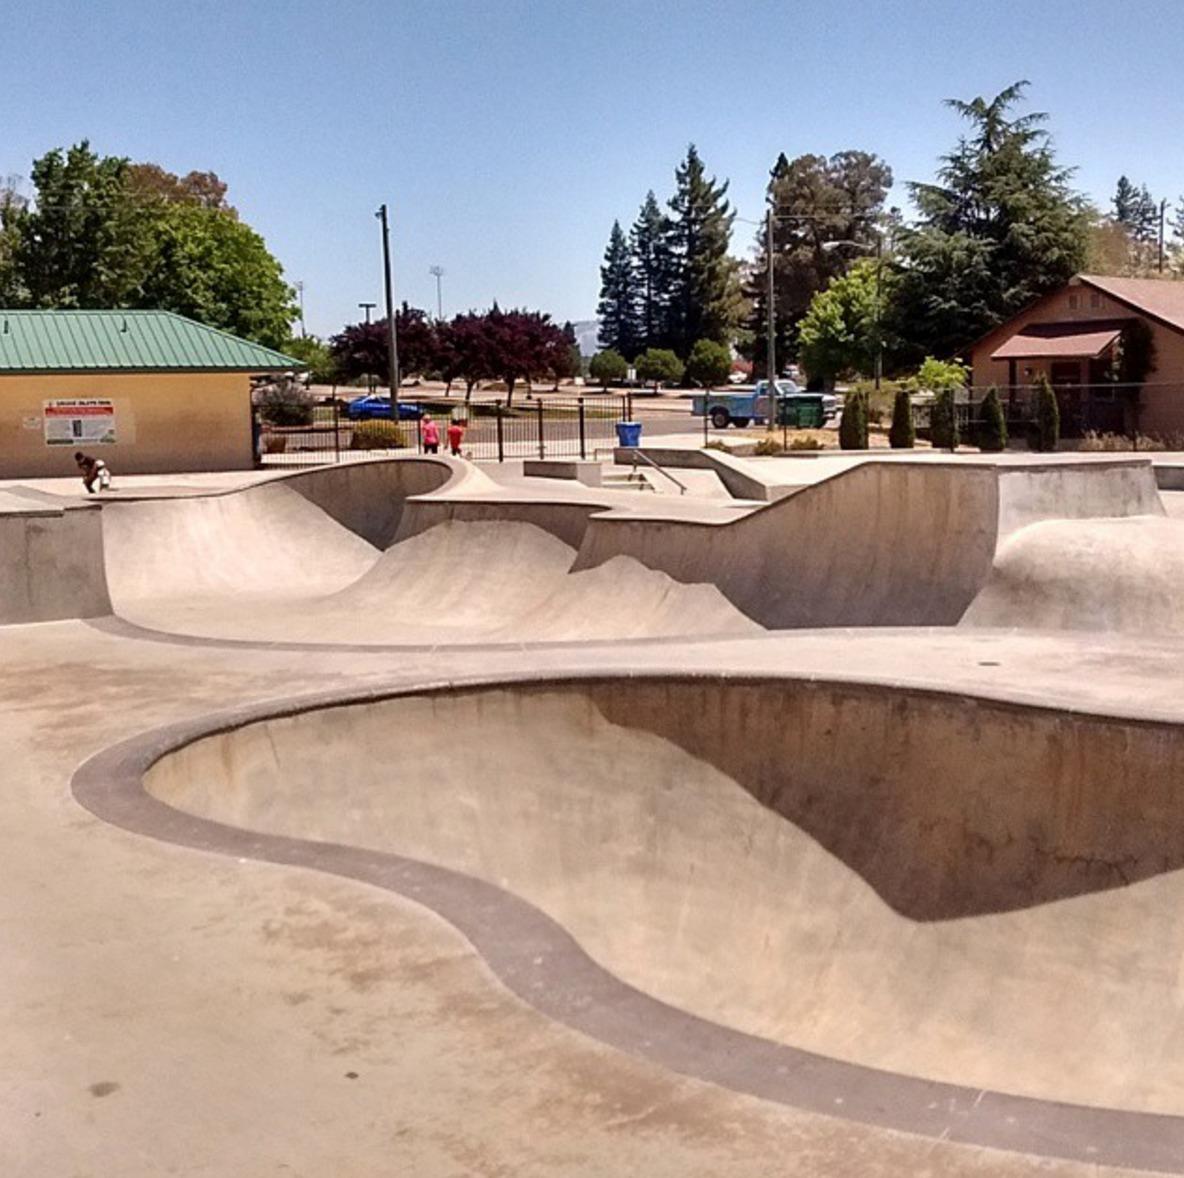 ukiah skatepark, ukiah, california